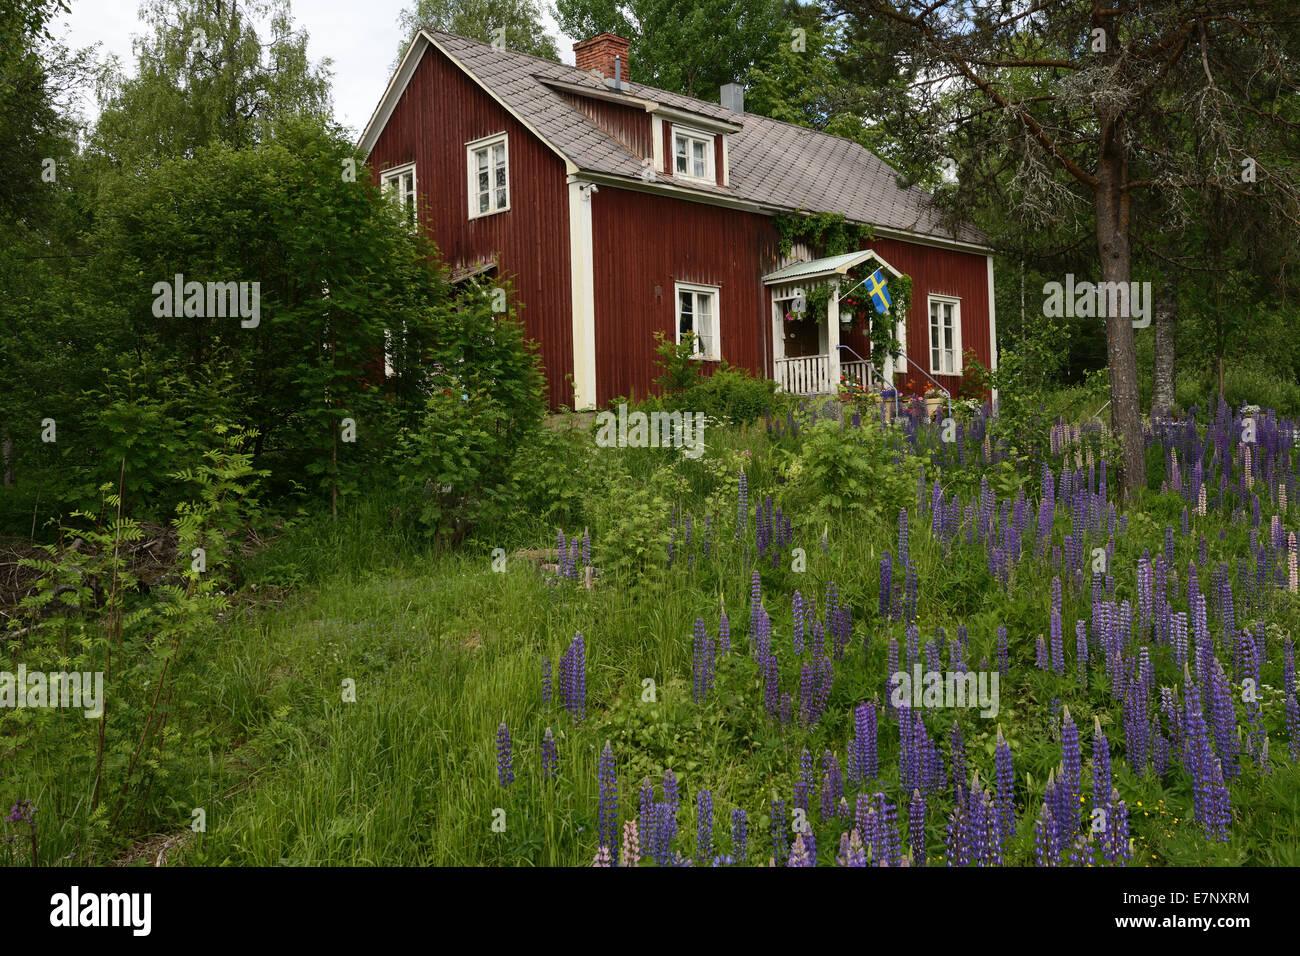 Typisch haus rotes haus garten lupinen m ngen for Norwegen haus